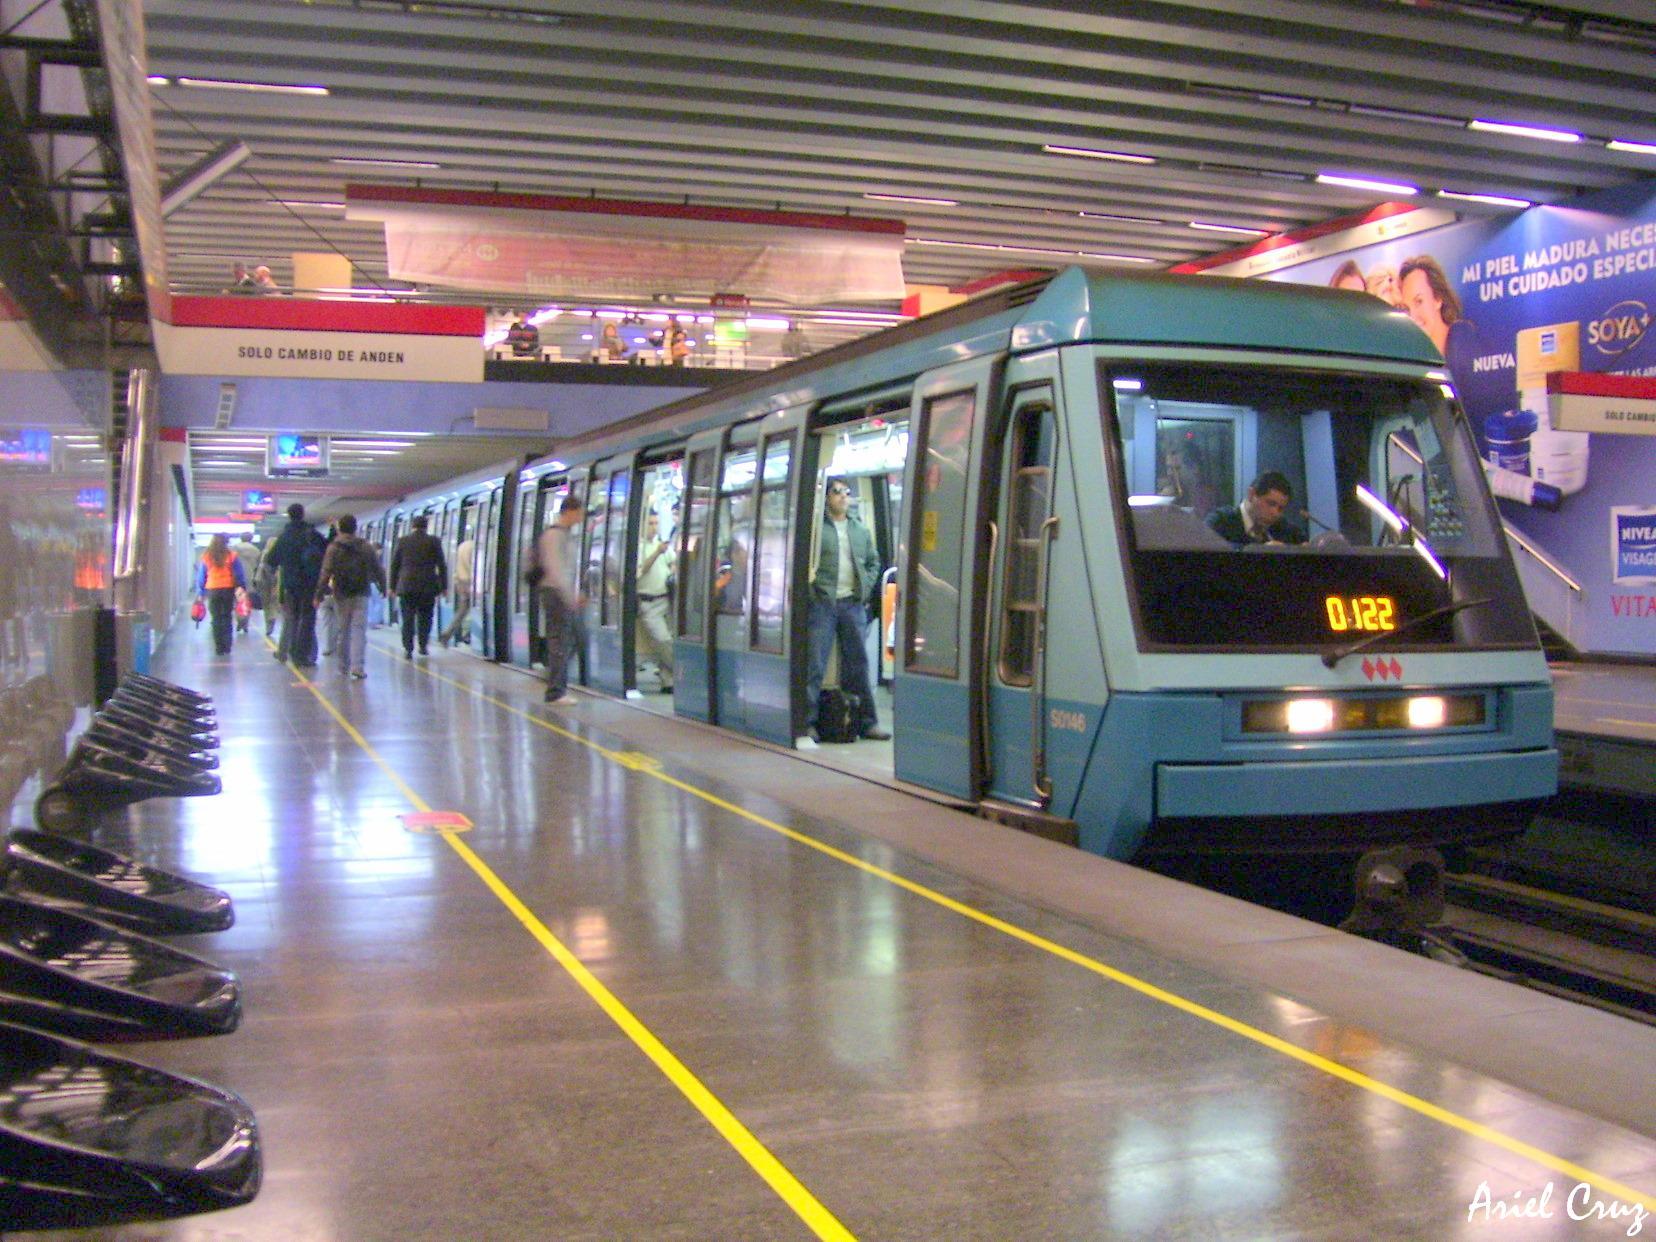 Metro de santiago wikipedia la enciclopedia libre for Mural metro u de chile